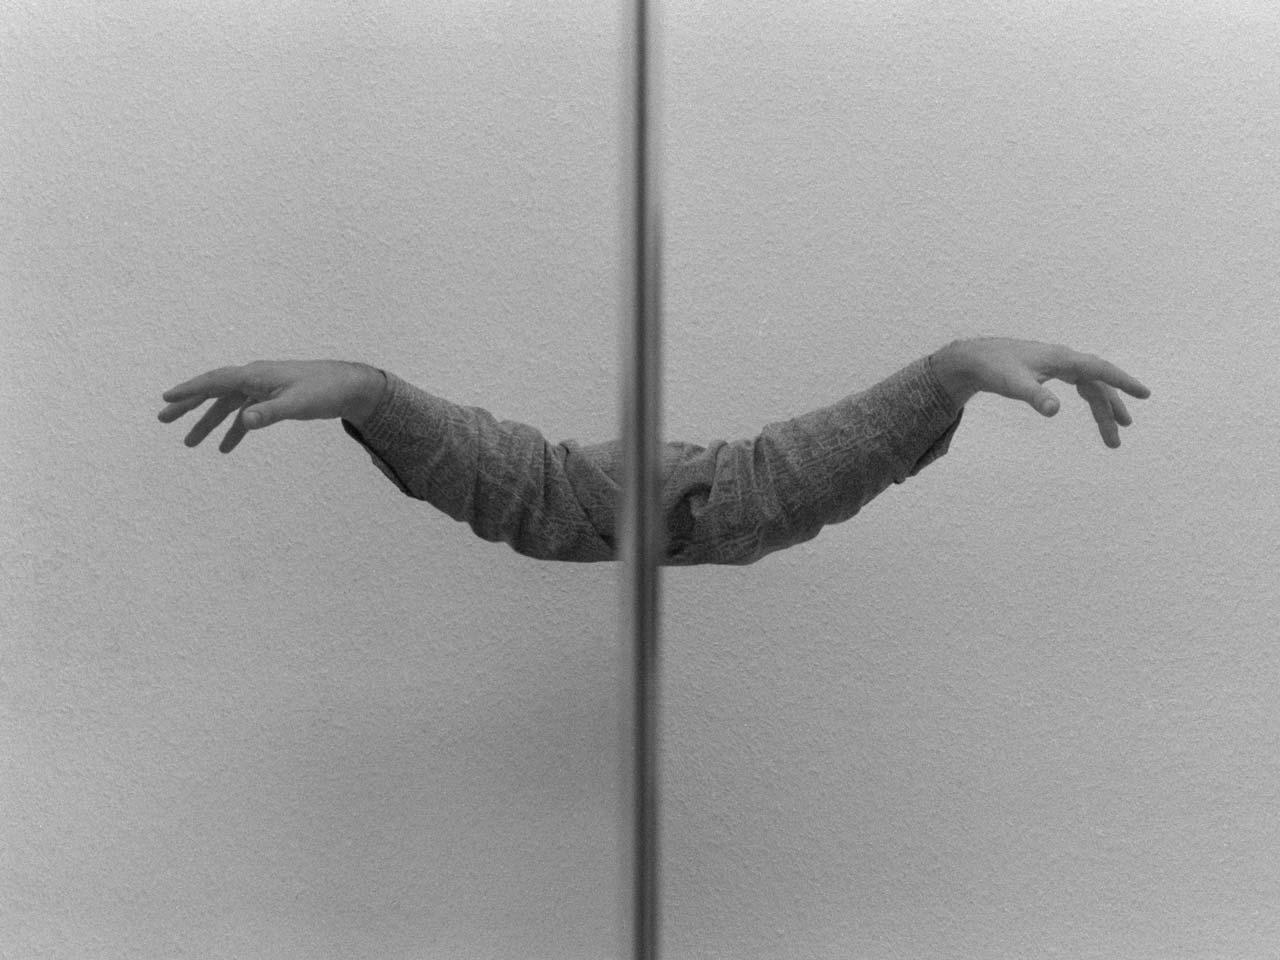 Géza Perneczky, Art Bubbles, 1971